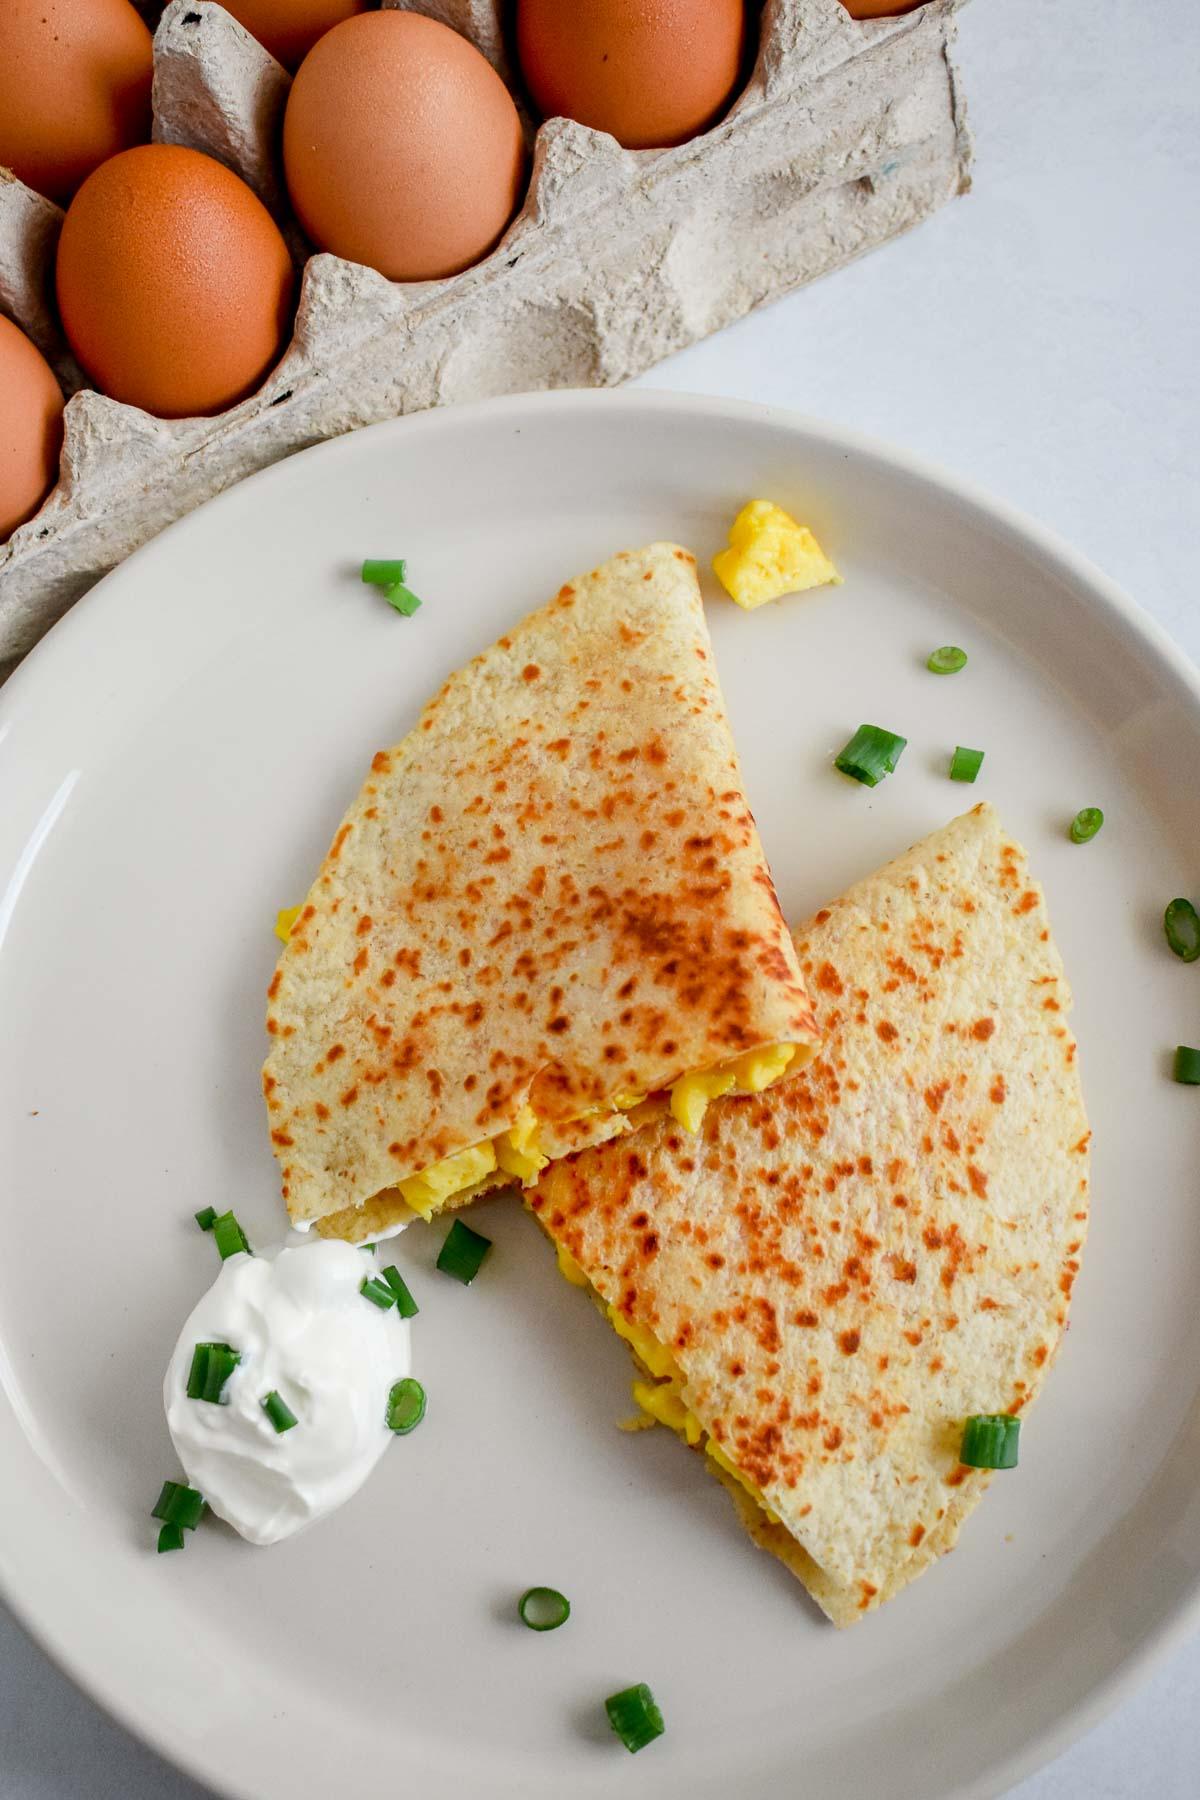 Receta de Wraps de Queso & Huevo